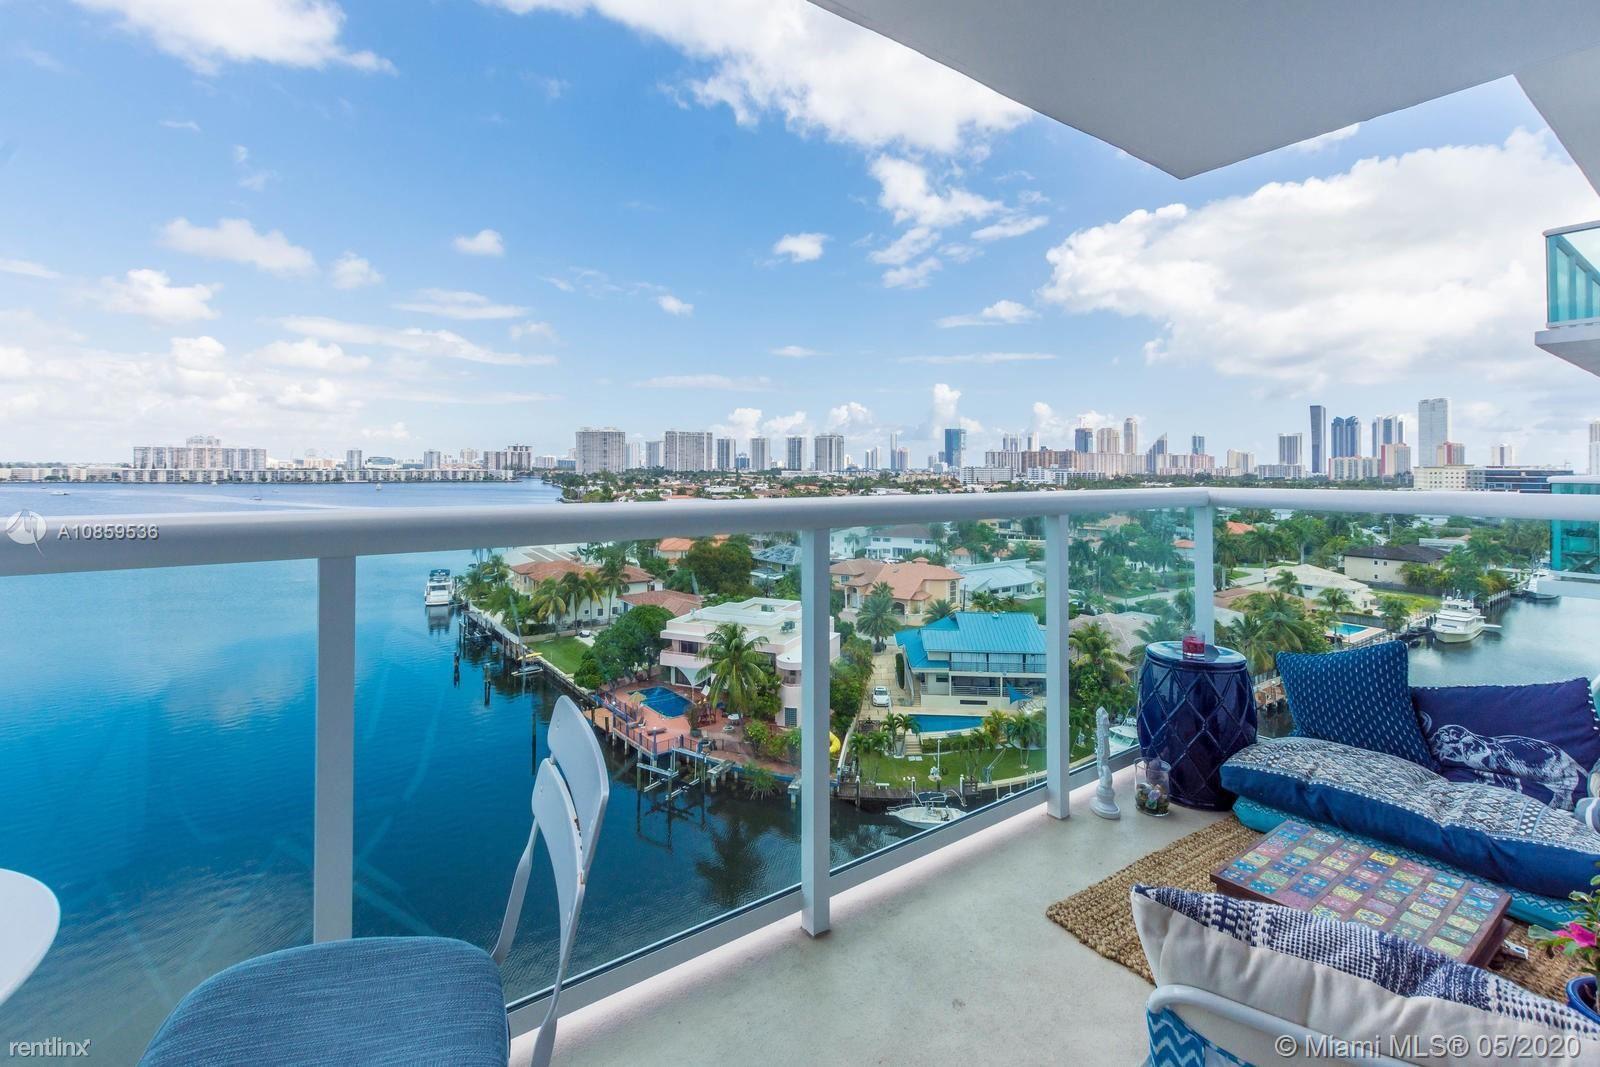 2841 NE 163rd St, North Miami Beach, FL - $2,200